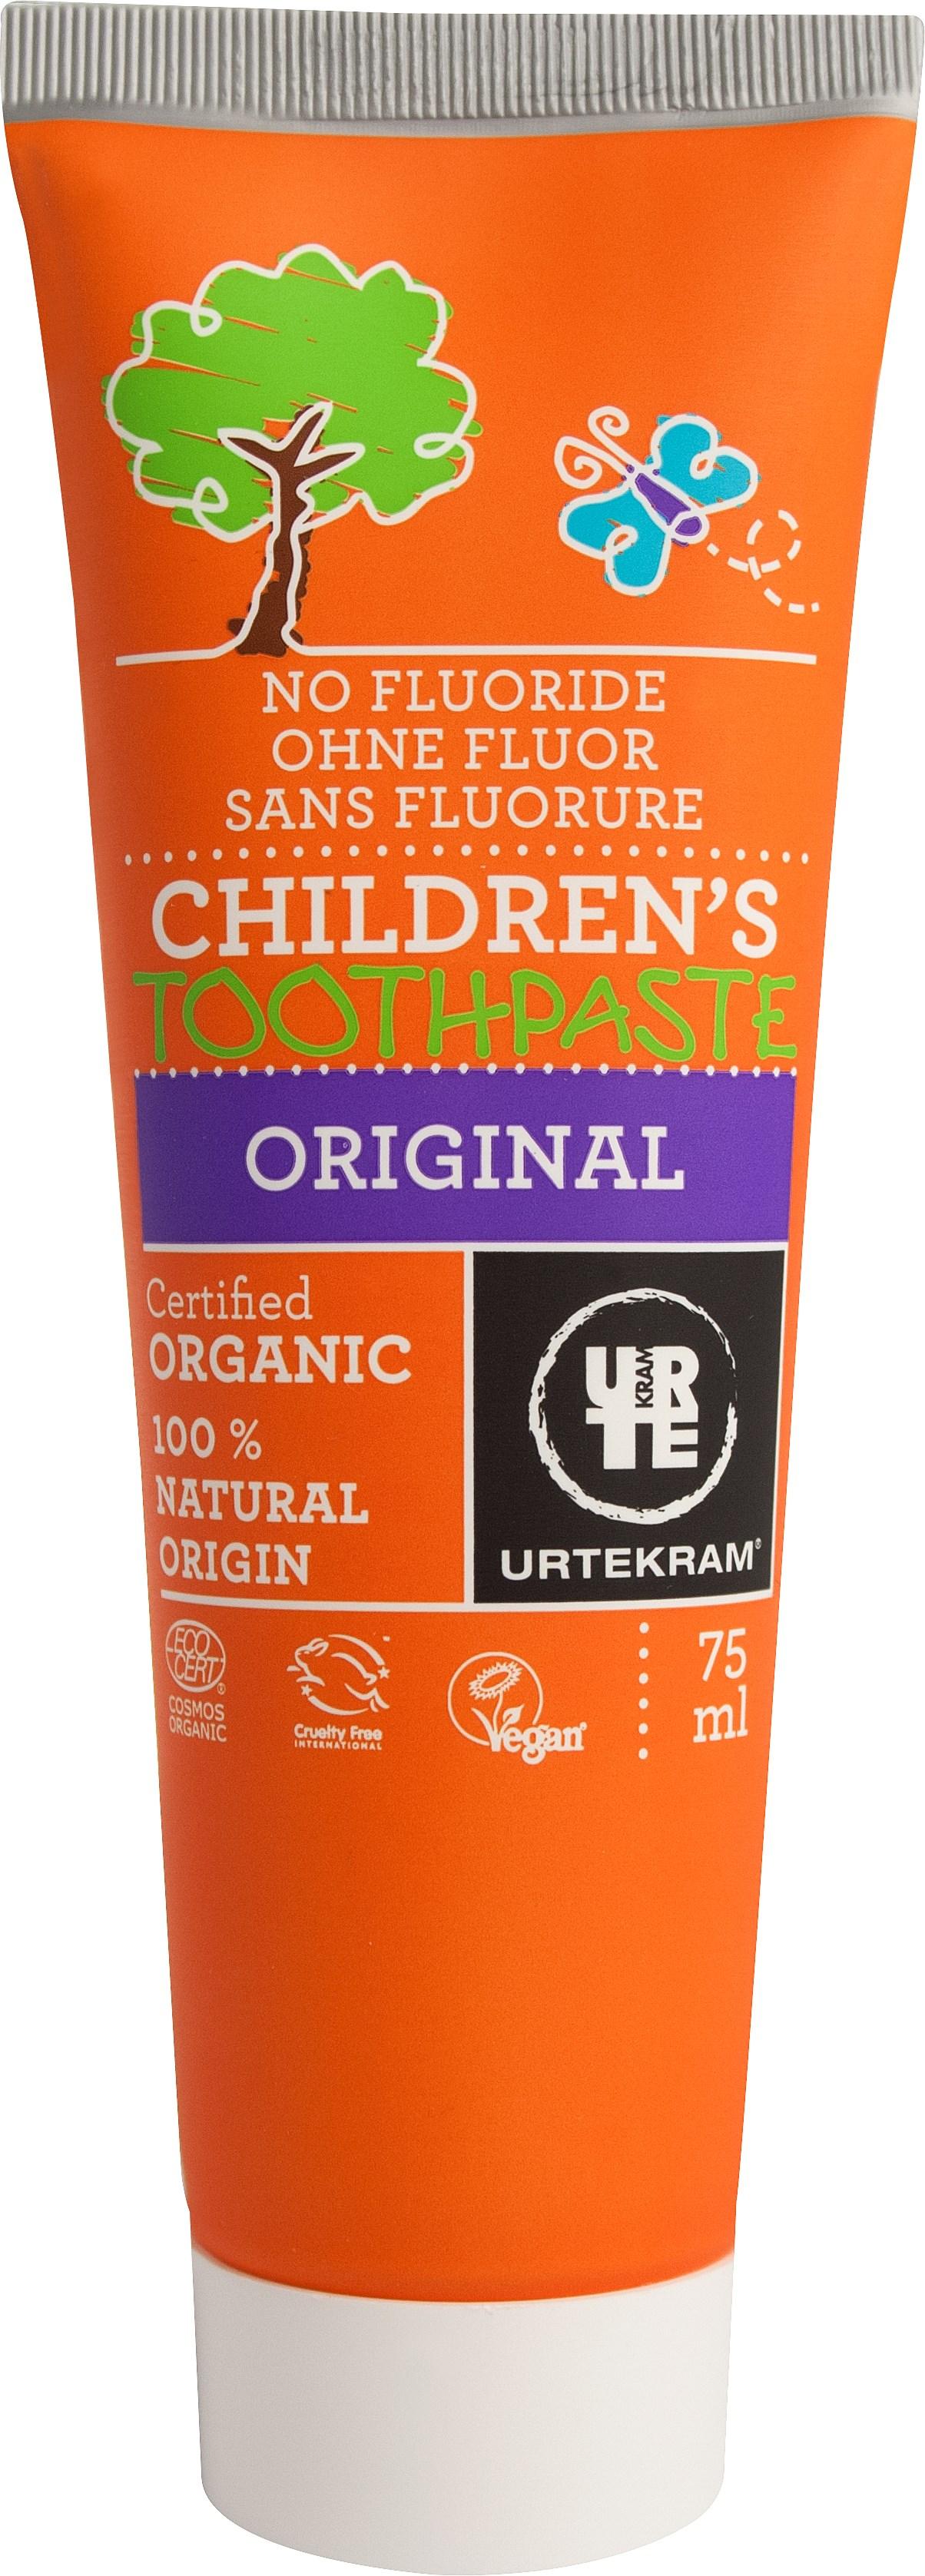 Urtekram Органічна дитяча зубна паста. 75мл - купить в интернет-магазине Юнимед